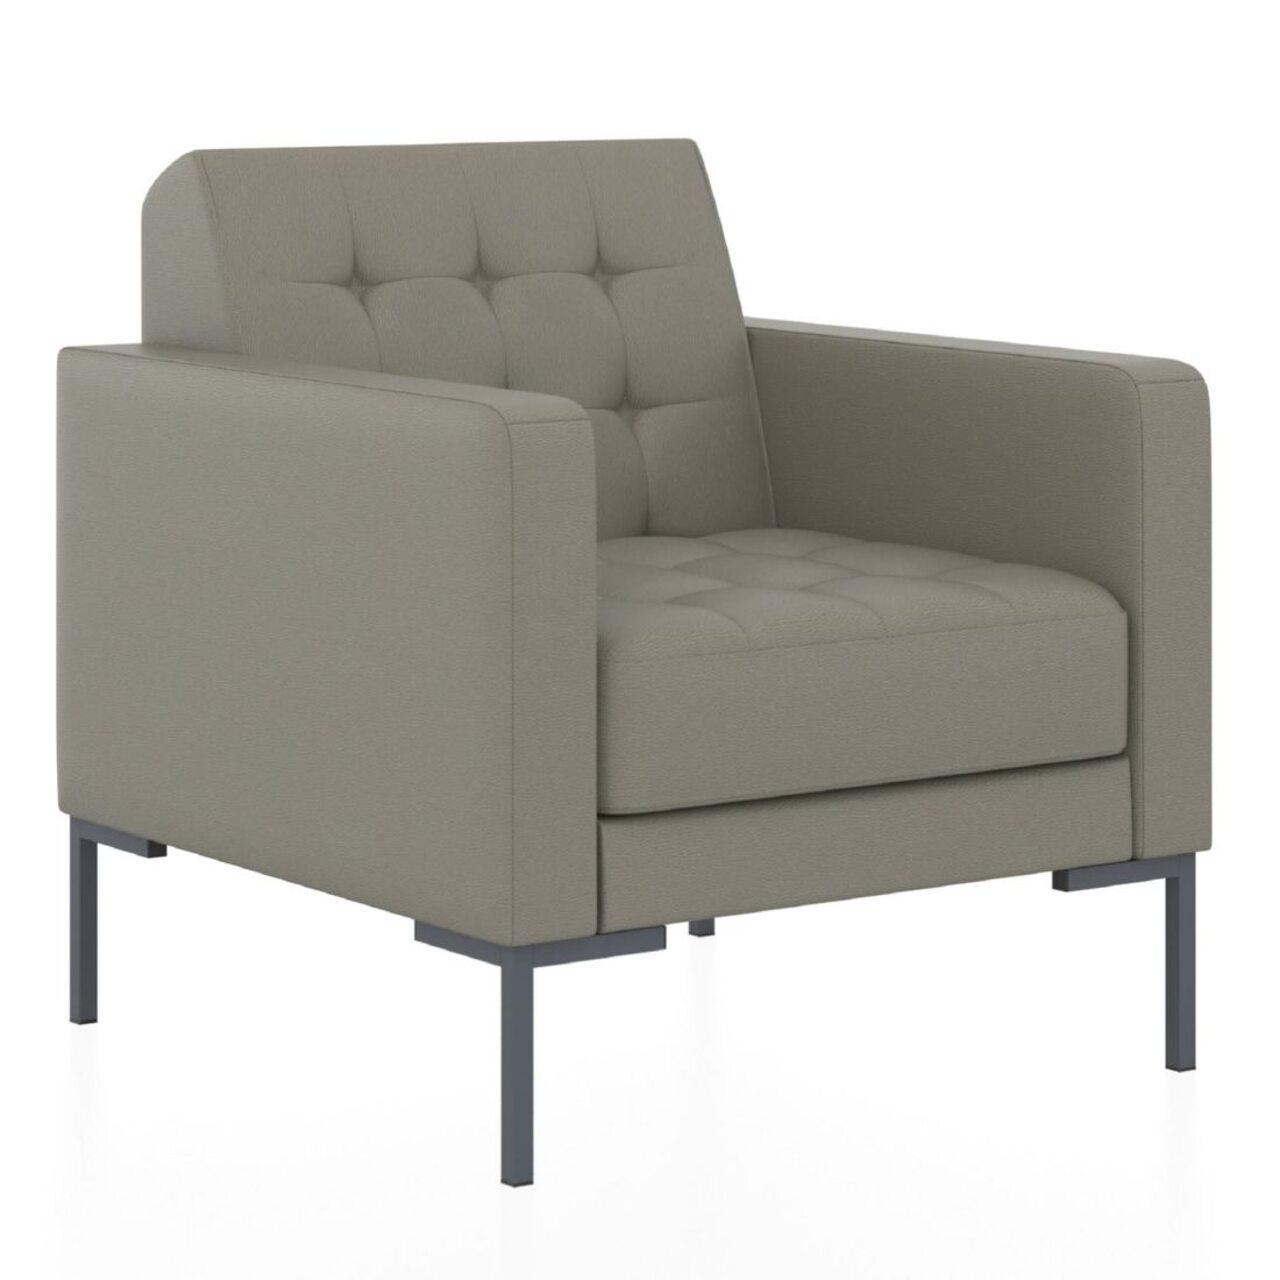 Кресло  НЭКСТ 78x80x84 - фото 1